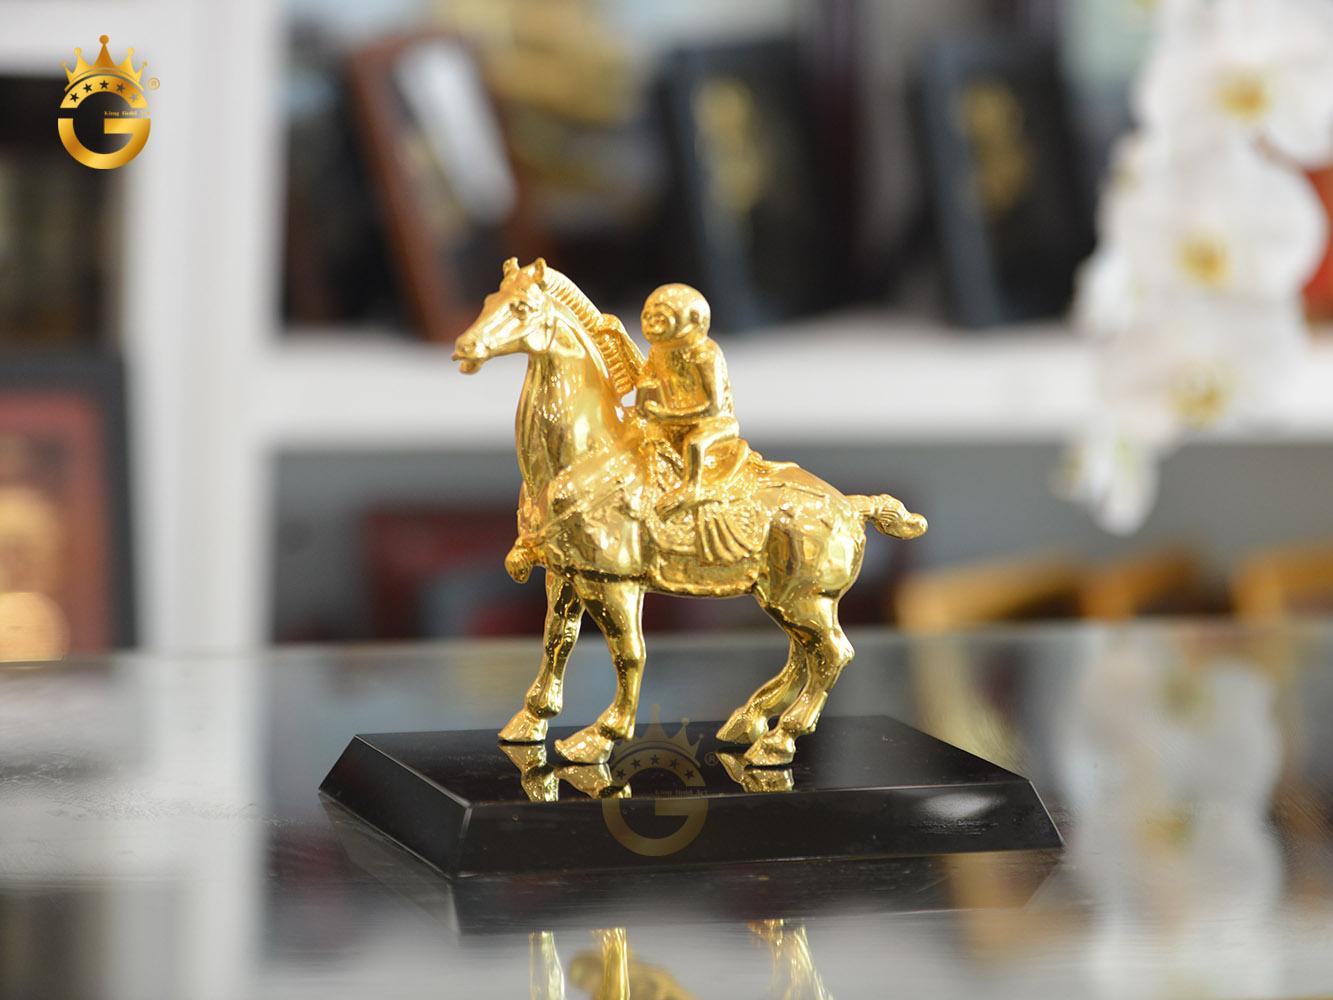 Quà vàng tặng sếp- Tượng mã thượng phong hầu mạ vàng 24k0